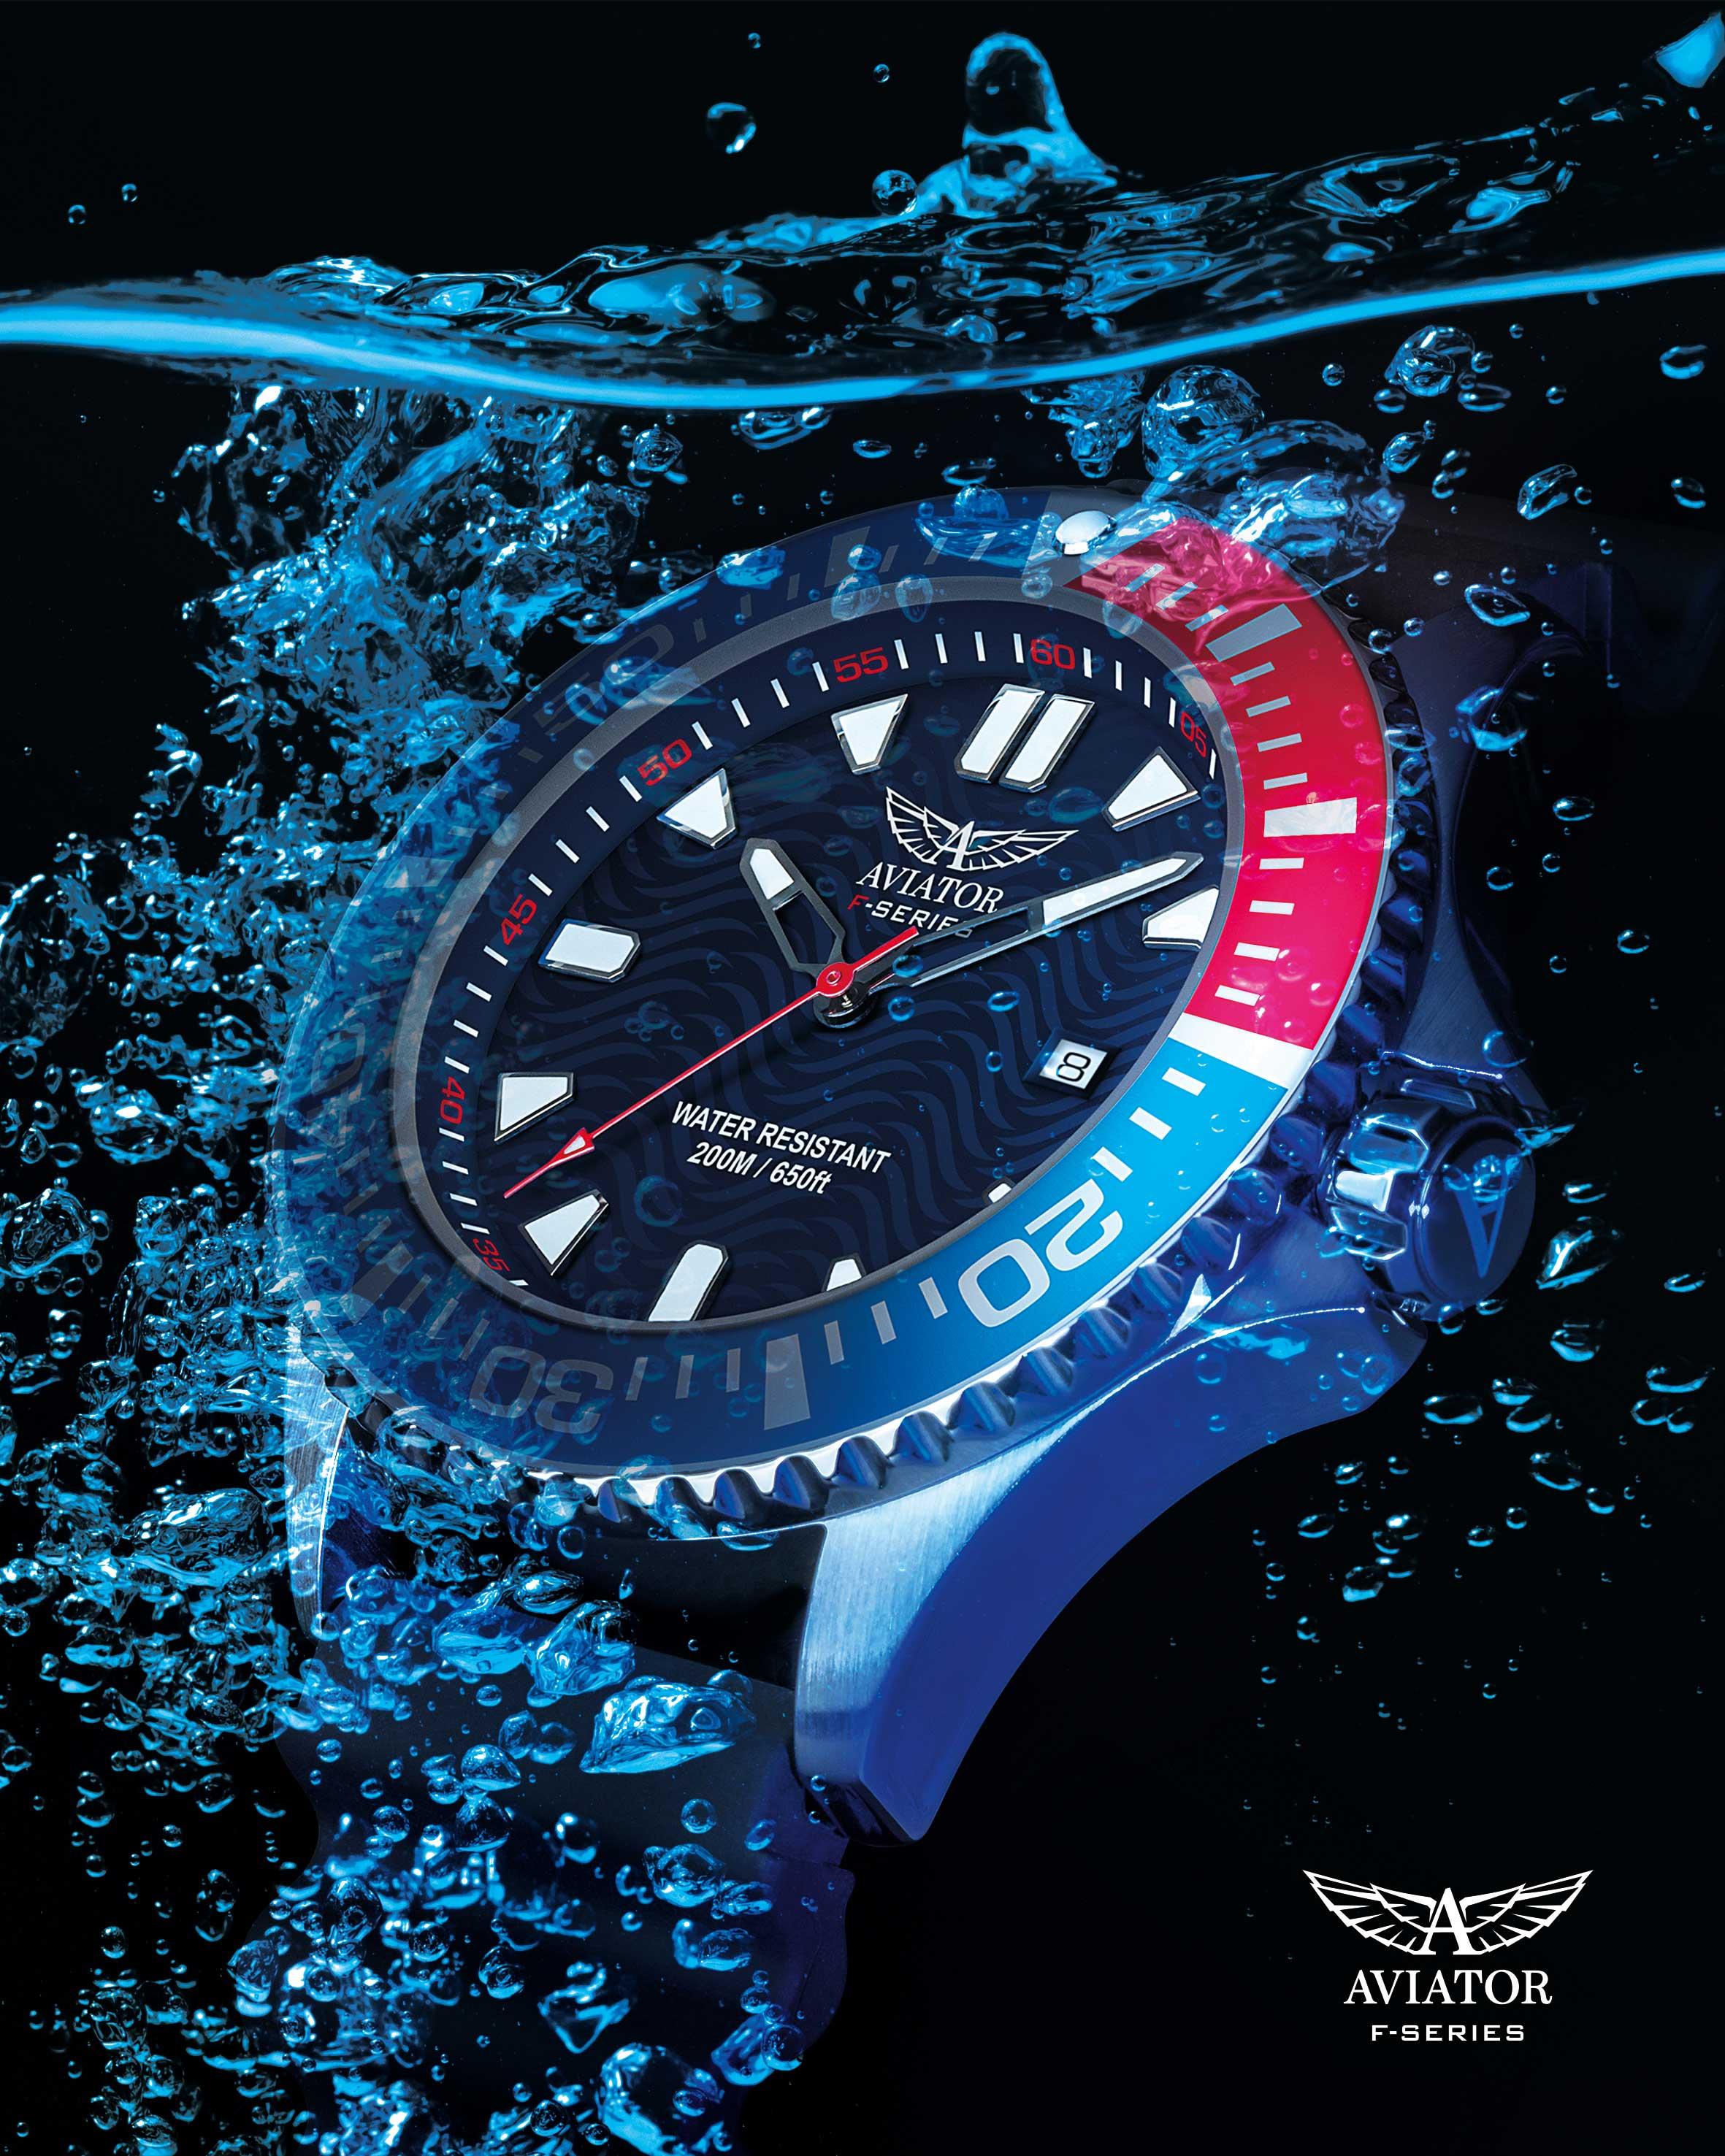 aviator-divers-watch_scorpio-worldwide_travel-retail-distributor.jpg